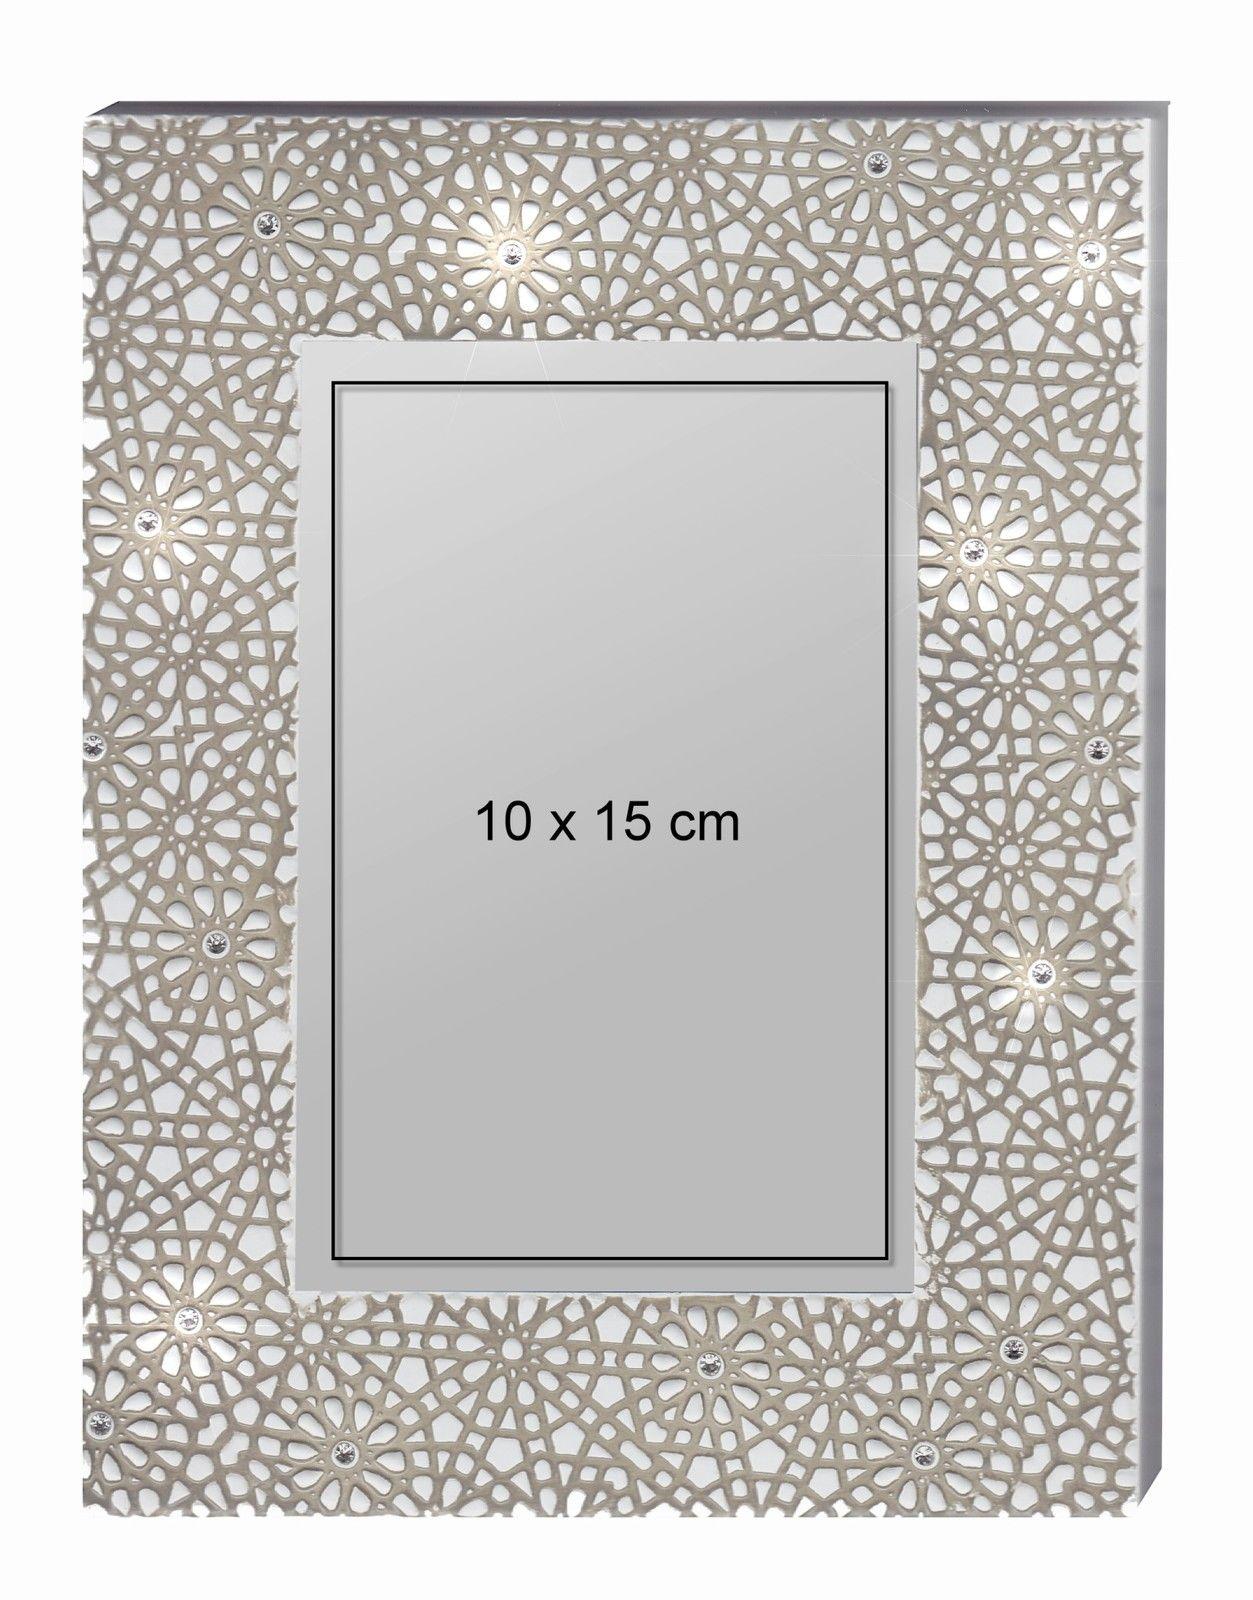 Blumen Bilderrahmen metall bilderrahmen 10x15cm mit strass modern blumen rahmen motiv